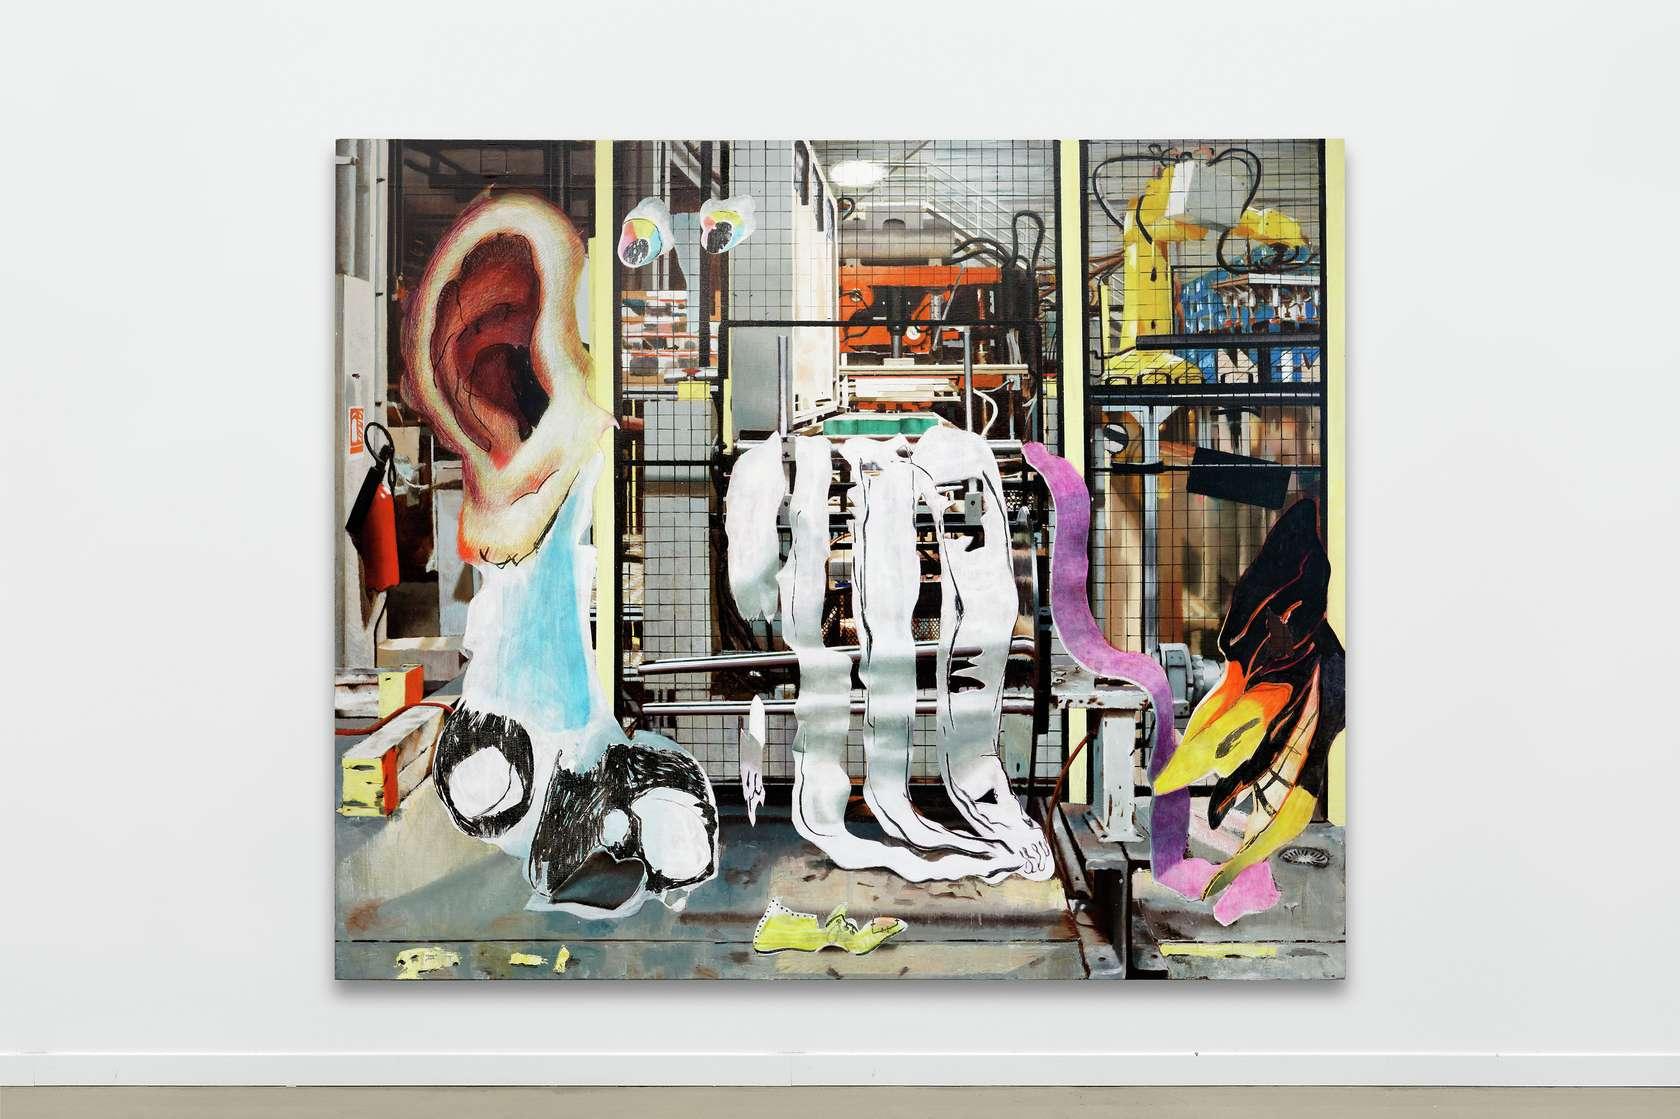 Laurent Proux, La jungle éléctrique, 2018 Huile sur toile200 x 240cm / 78 6/8 x 94 1/2inches